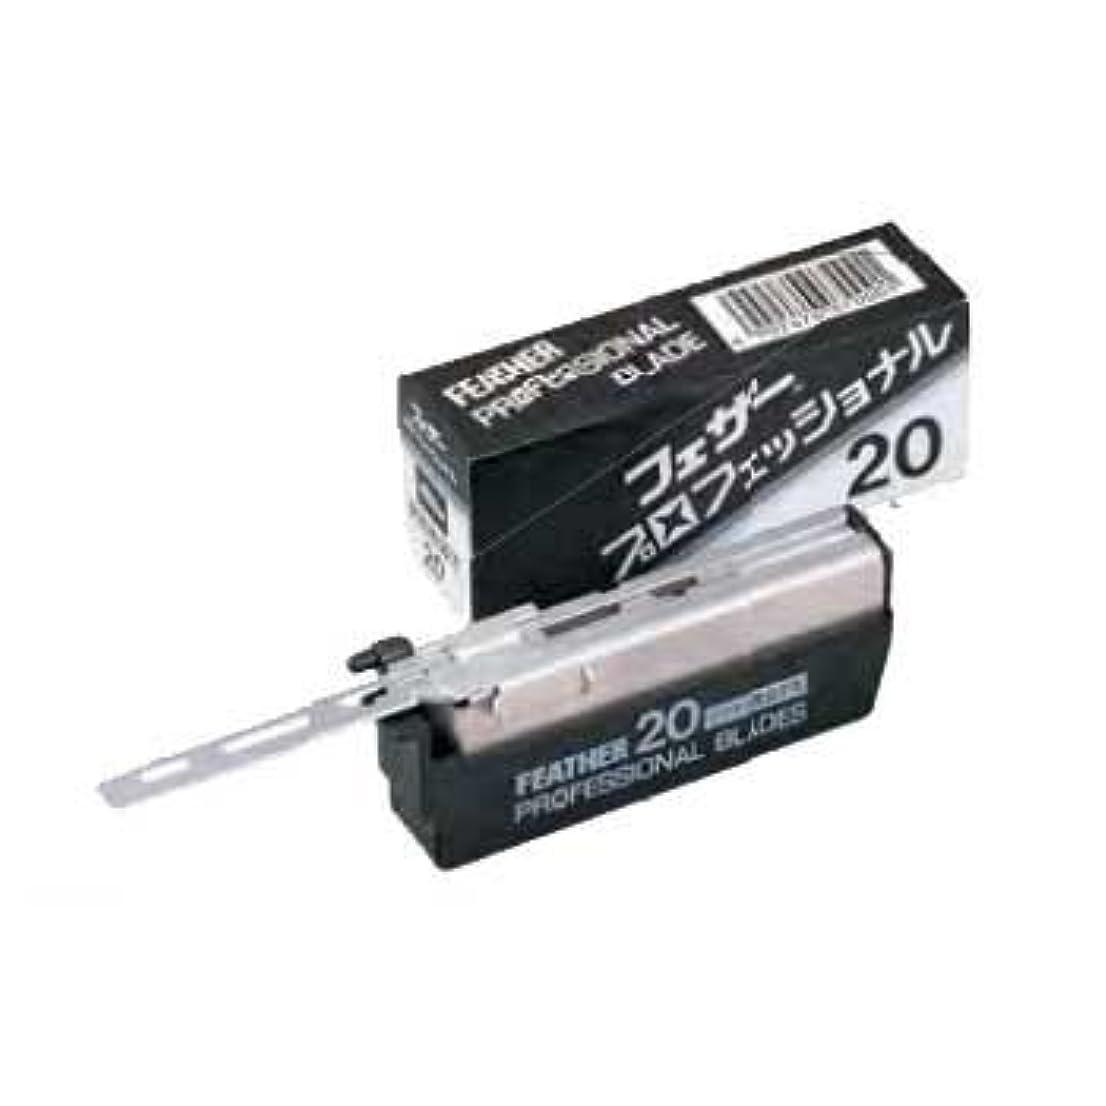 鉄政令肉のフェザー プロフェッショナル標準刃 PB-20 20枚×10 替刃 発売以来永年支持され続けるベーシックタイプはあらゆるヒゲに対応 FEATHER アーティストクラブ用替刃